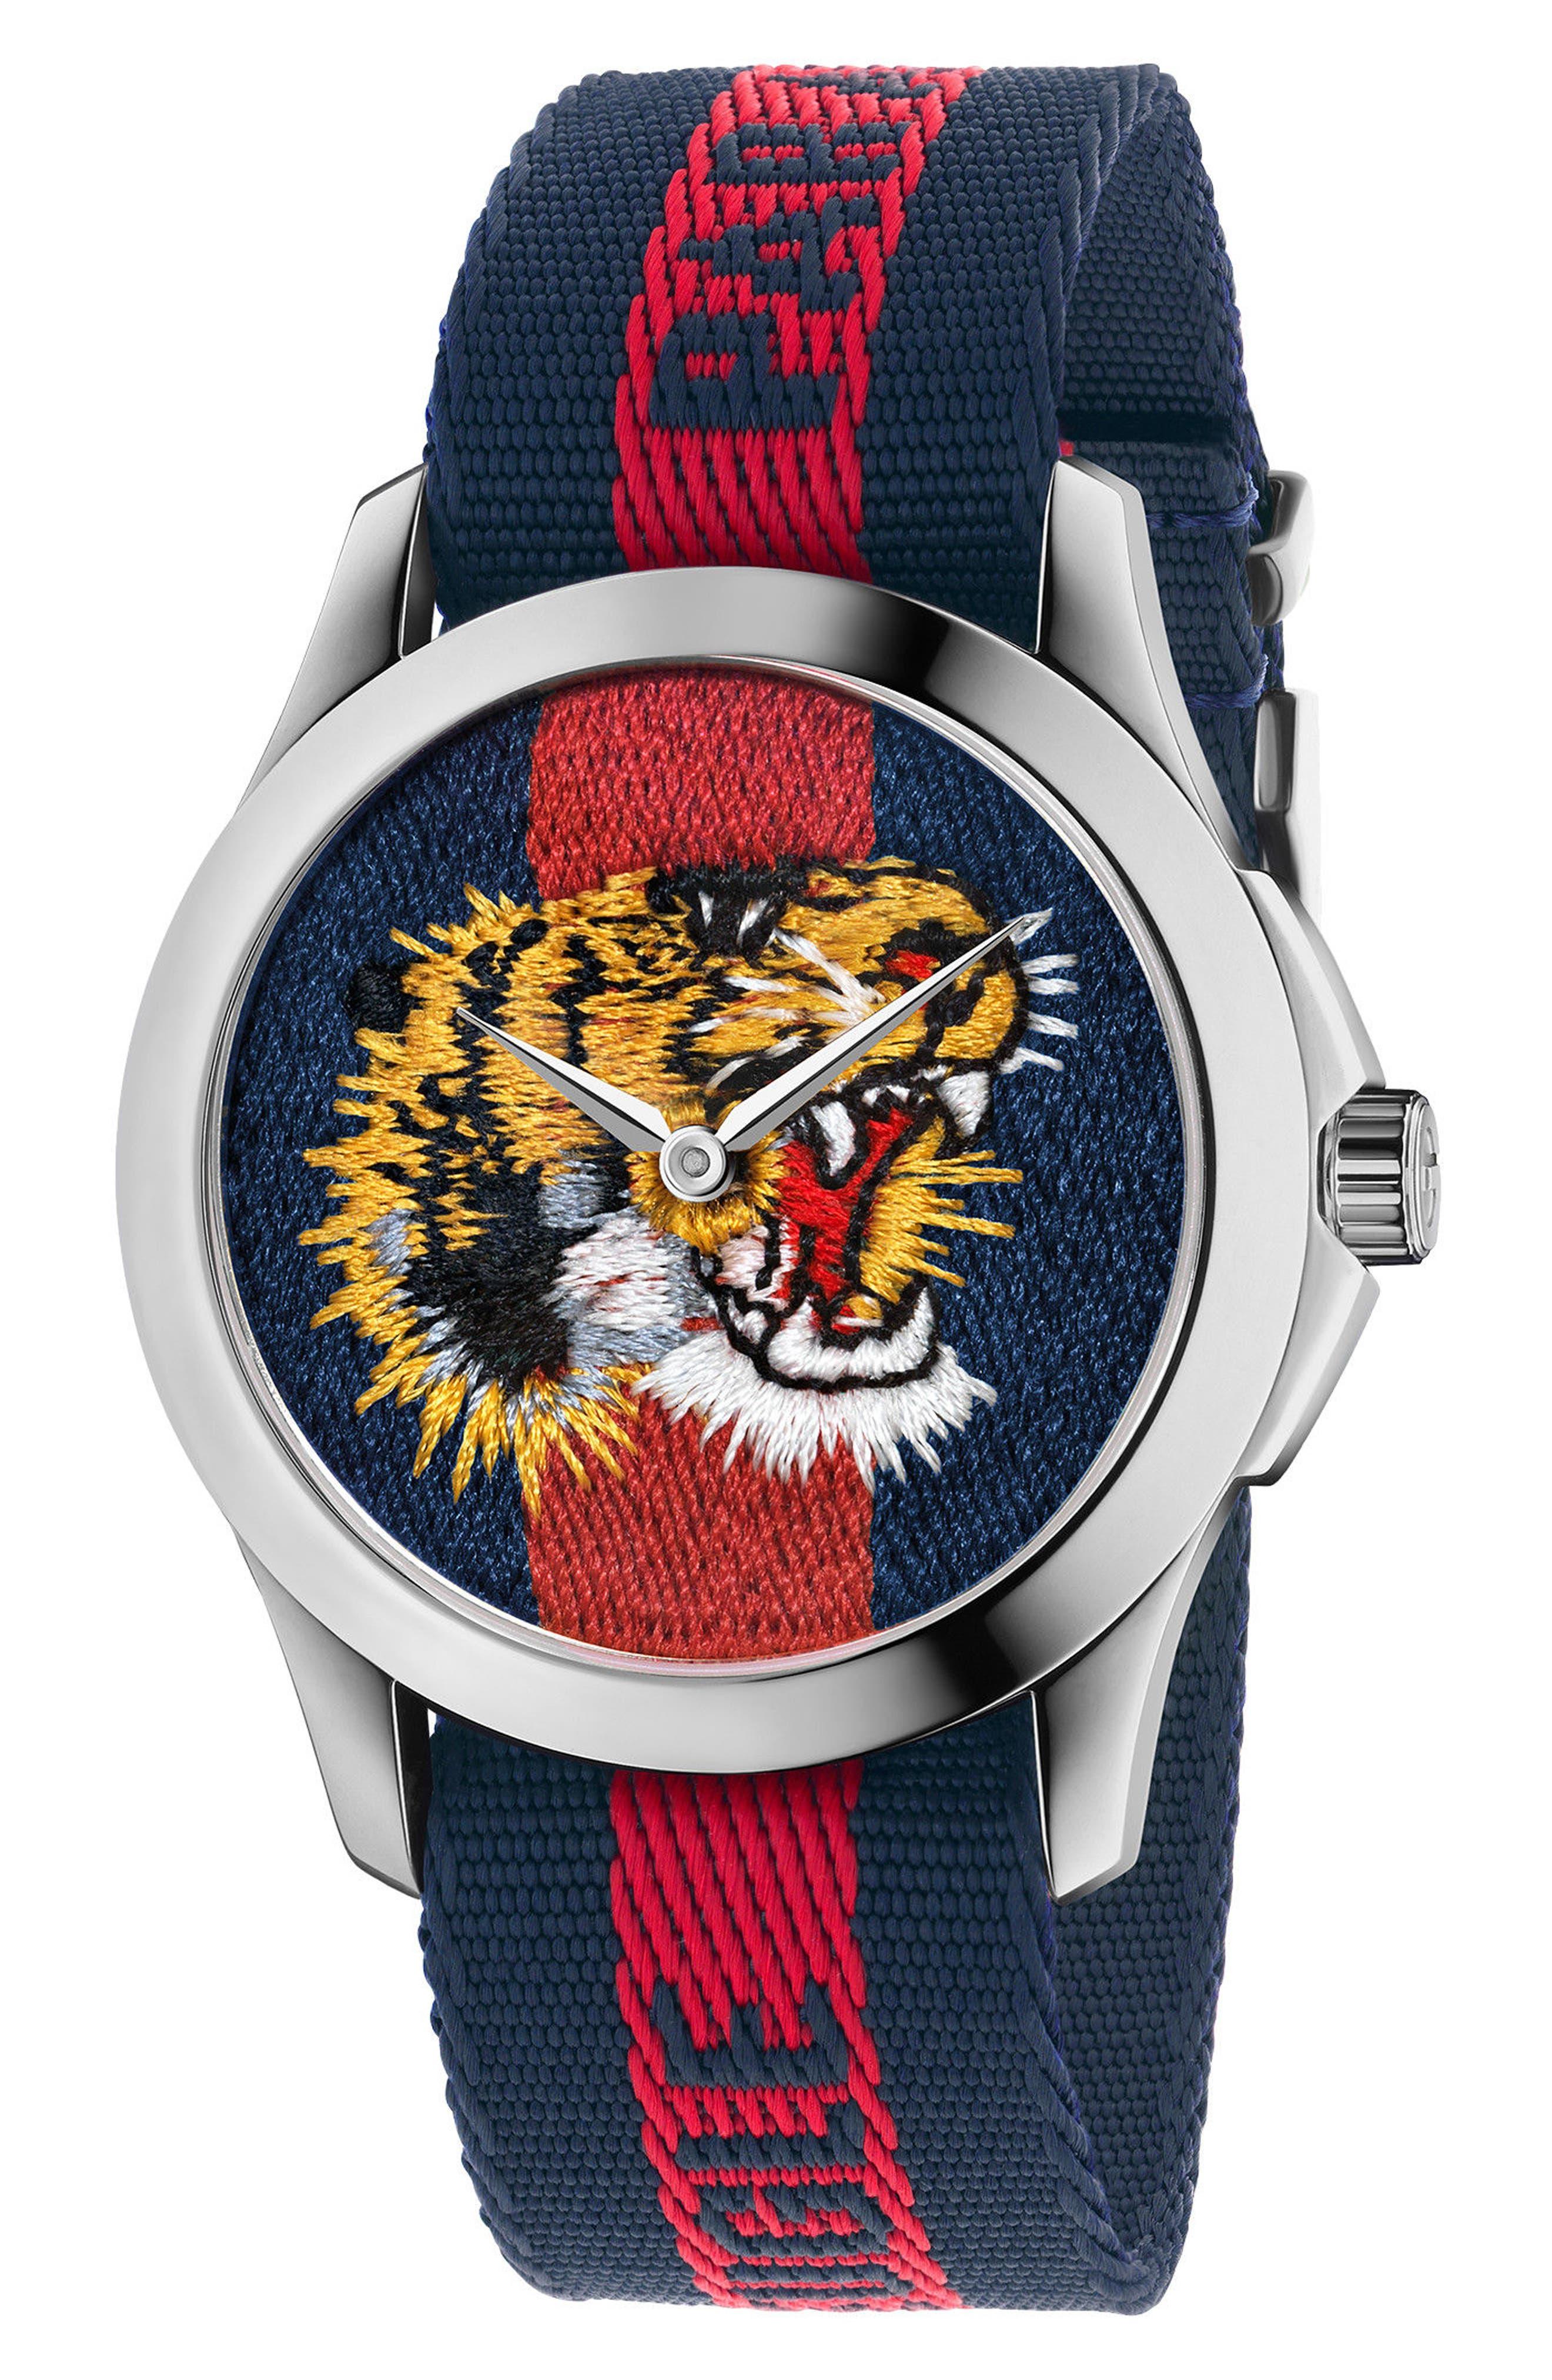 Alternate Image 1 Selected - Gucci Le Marché Des Merveilles Nylon Strap Watch, 38mm